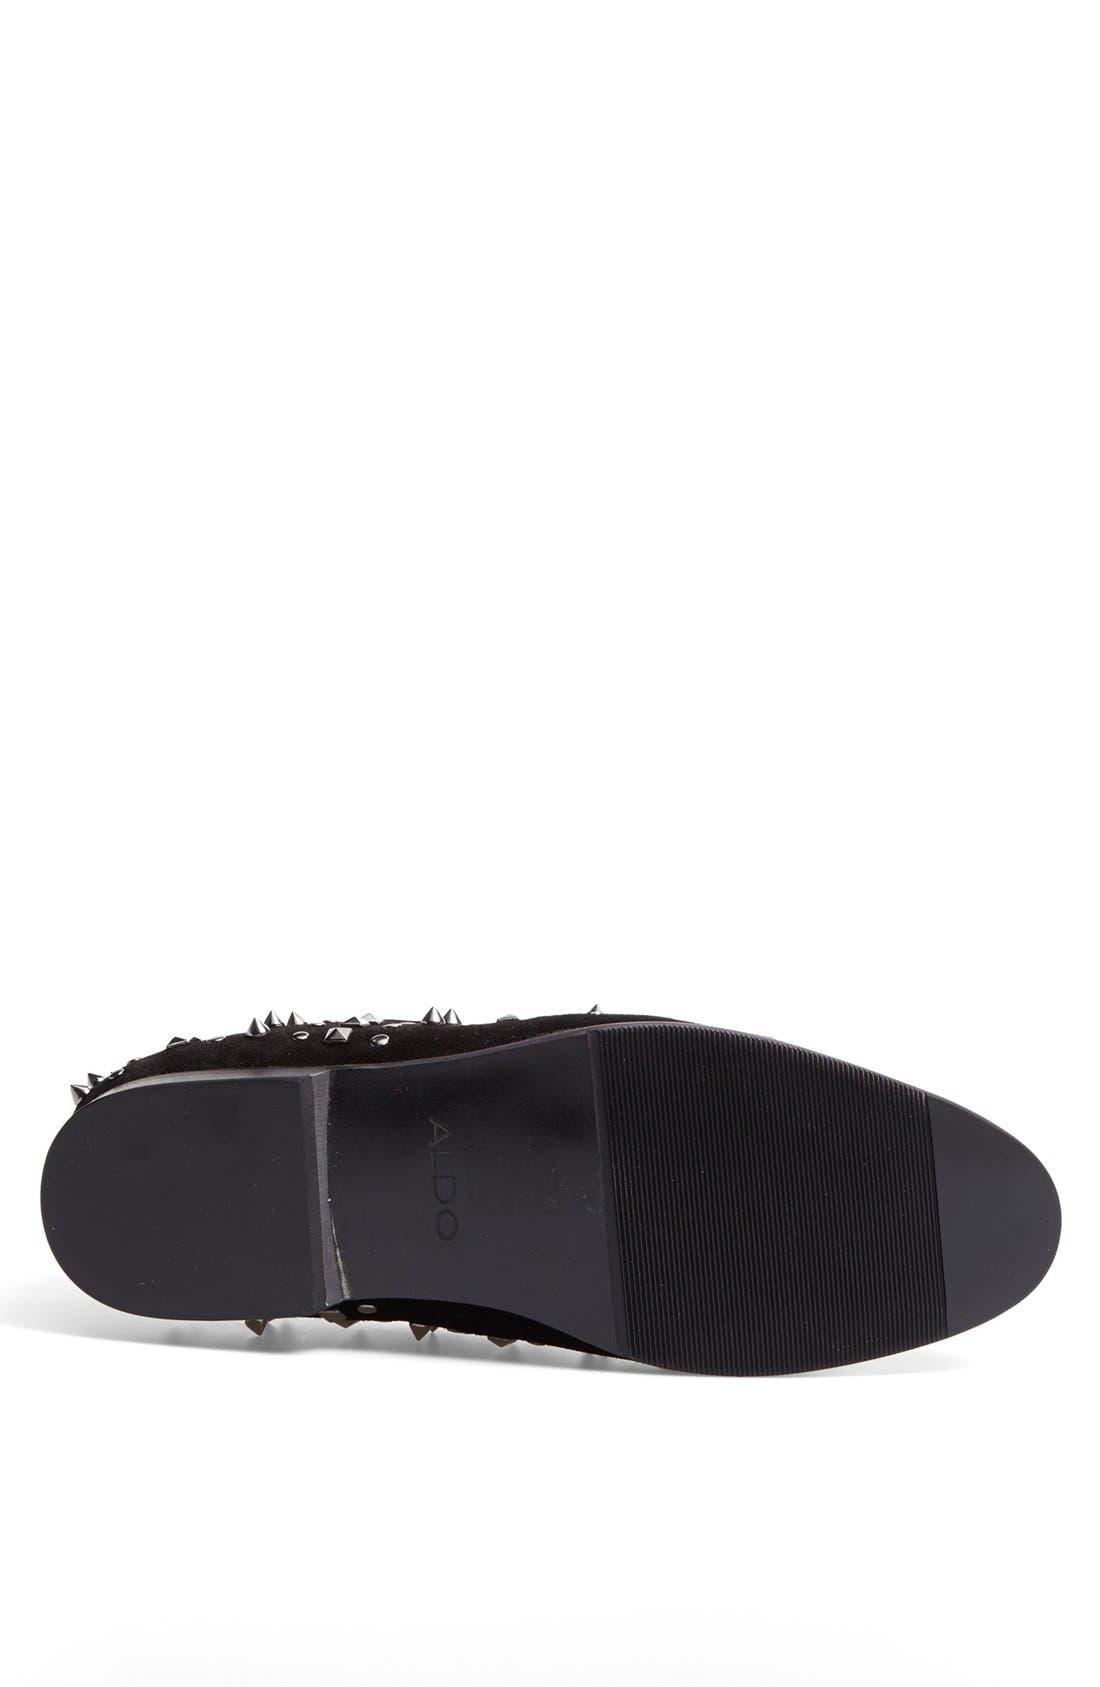 Alternate Image 4  - ALDO 'Coyan' Studded Loafer